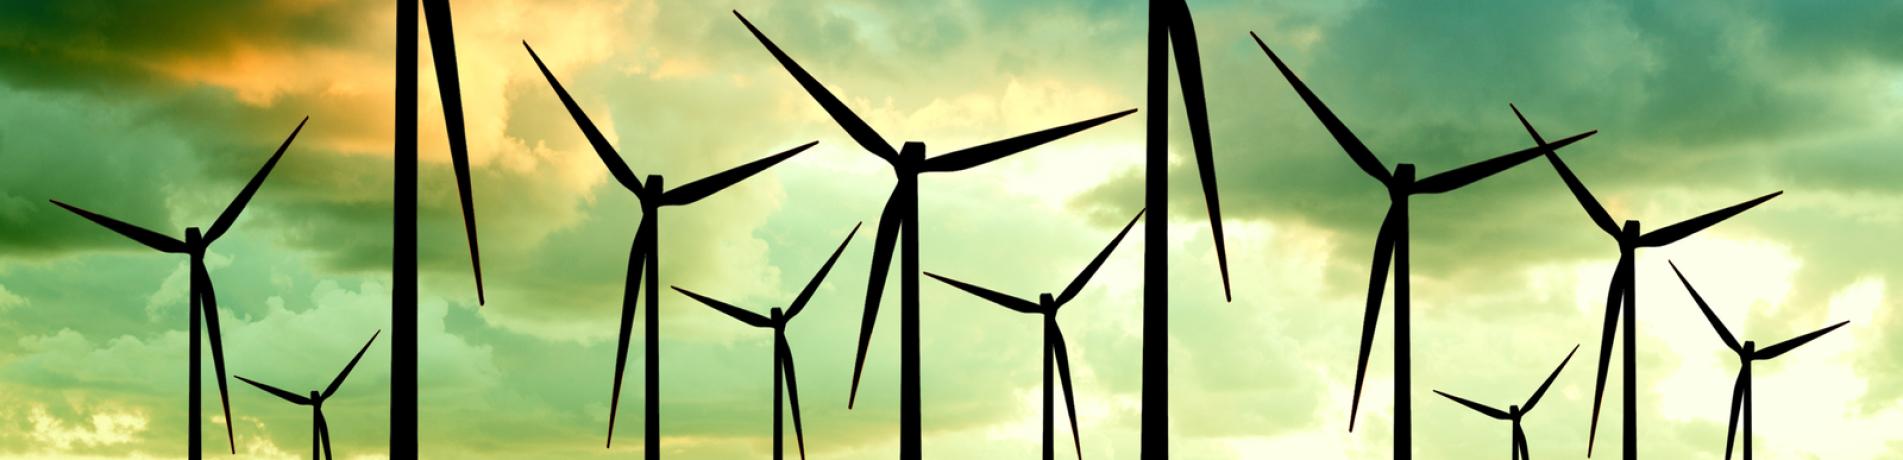 Kobecon ist der Experte für Verteilnetzbetreiber und integriert auch Windenergie